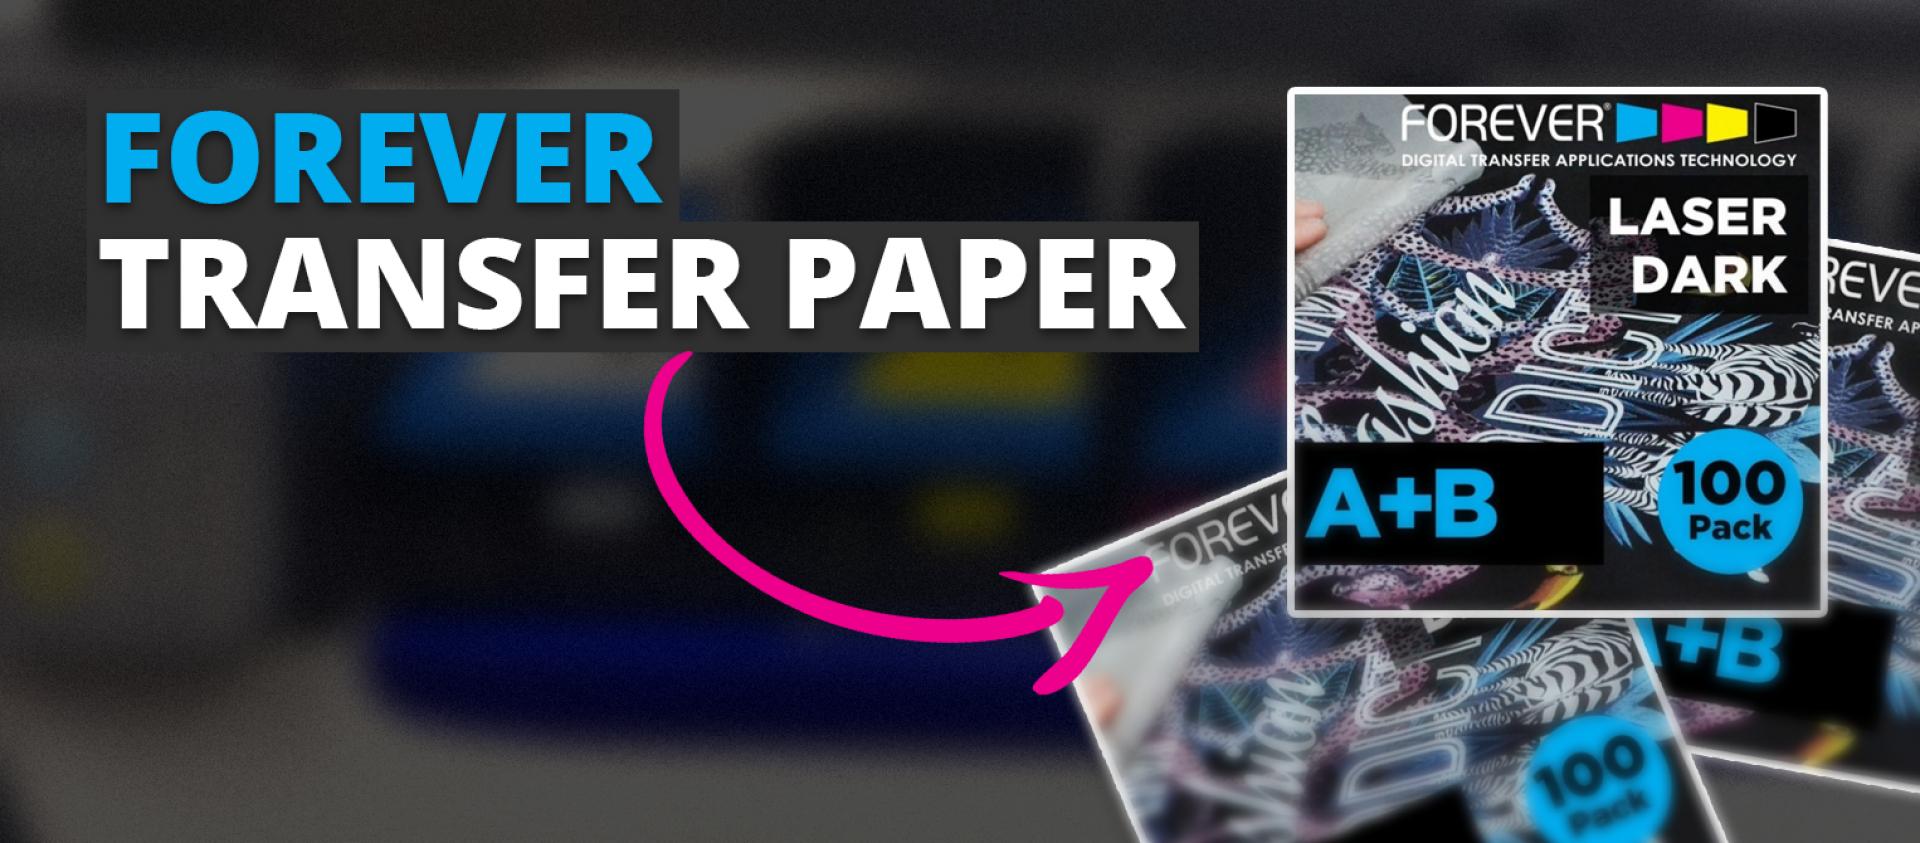 forever-transfer-paper-thumbnail